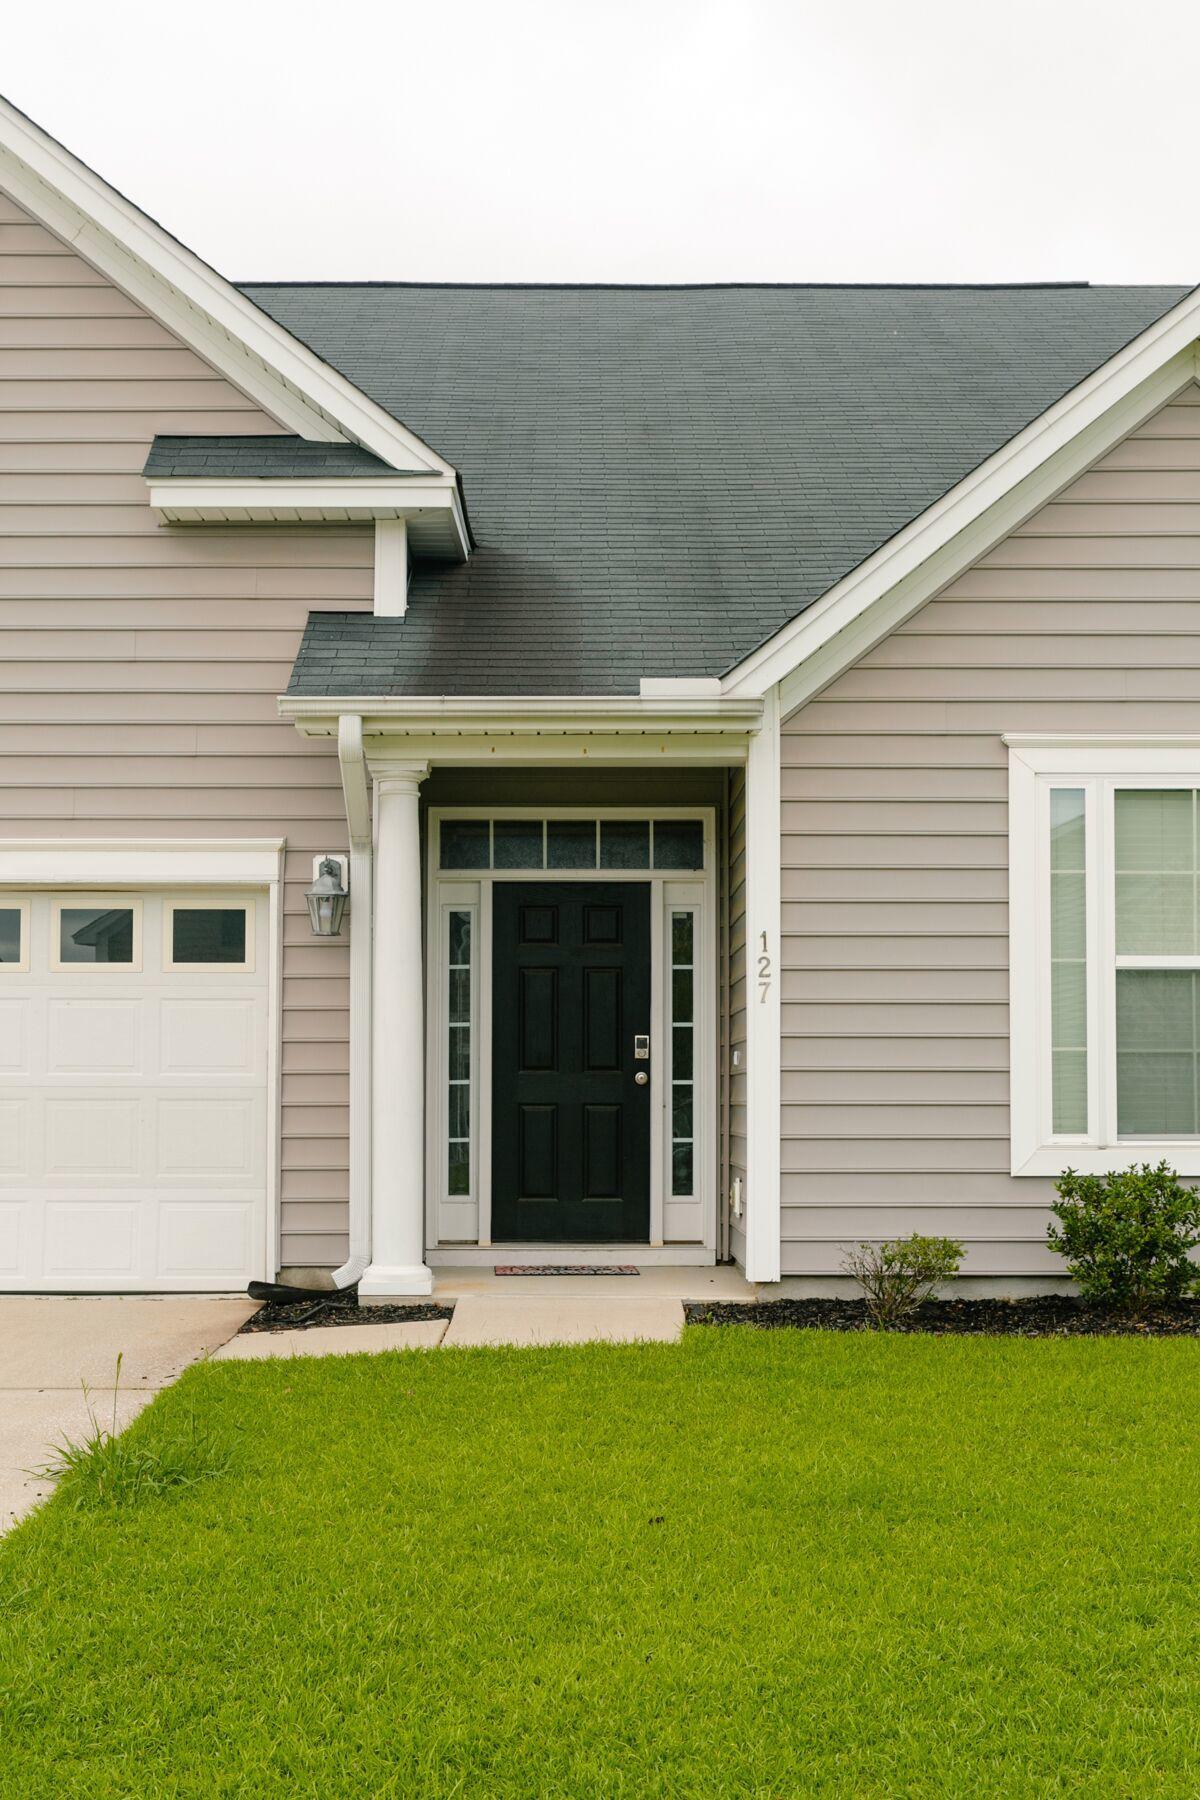 Royal Oaks Homes For Sale - 127 Satur, Goose Creek, SC - 26